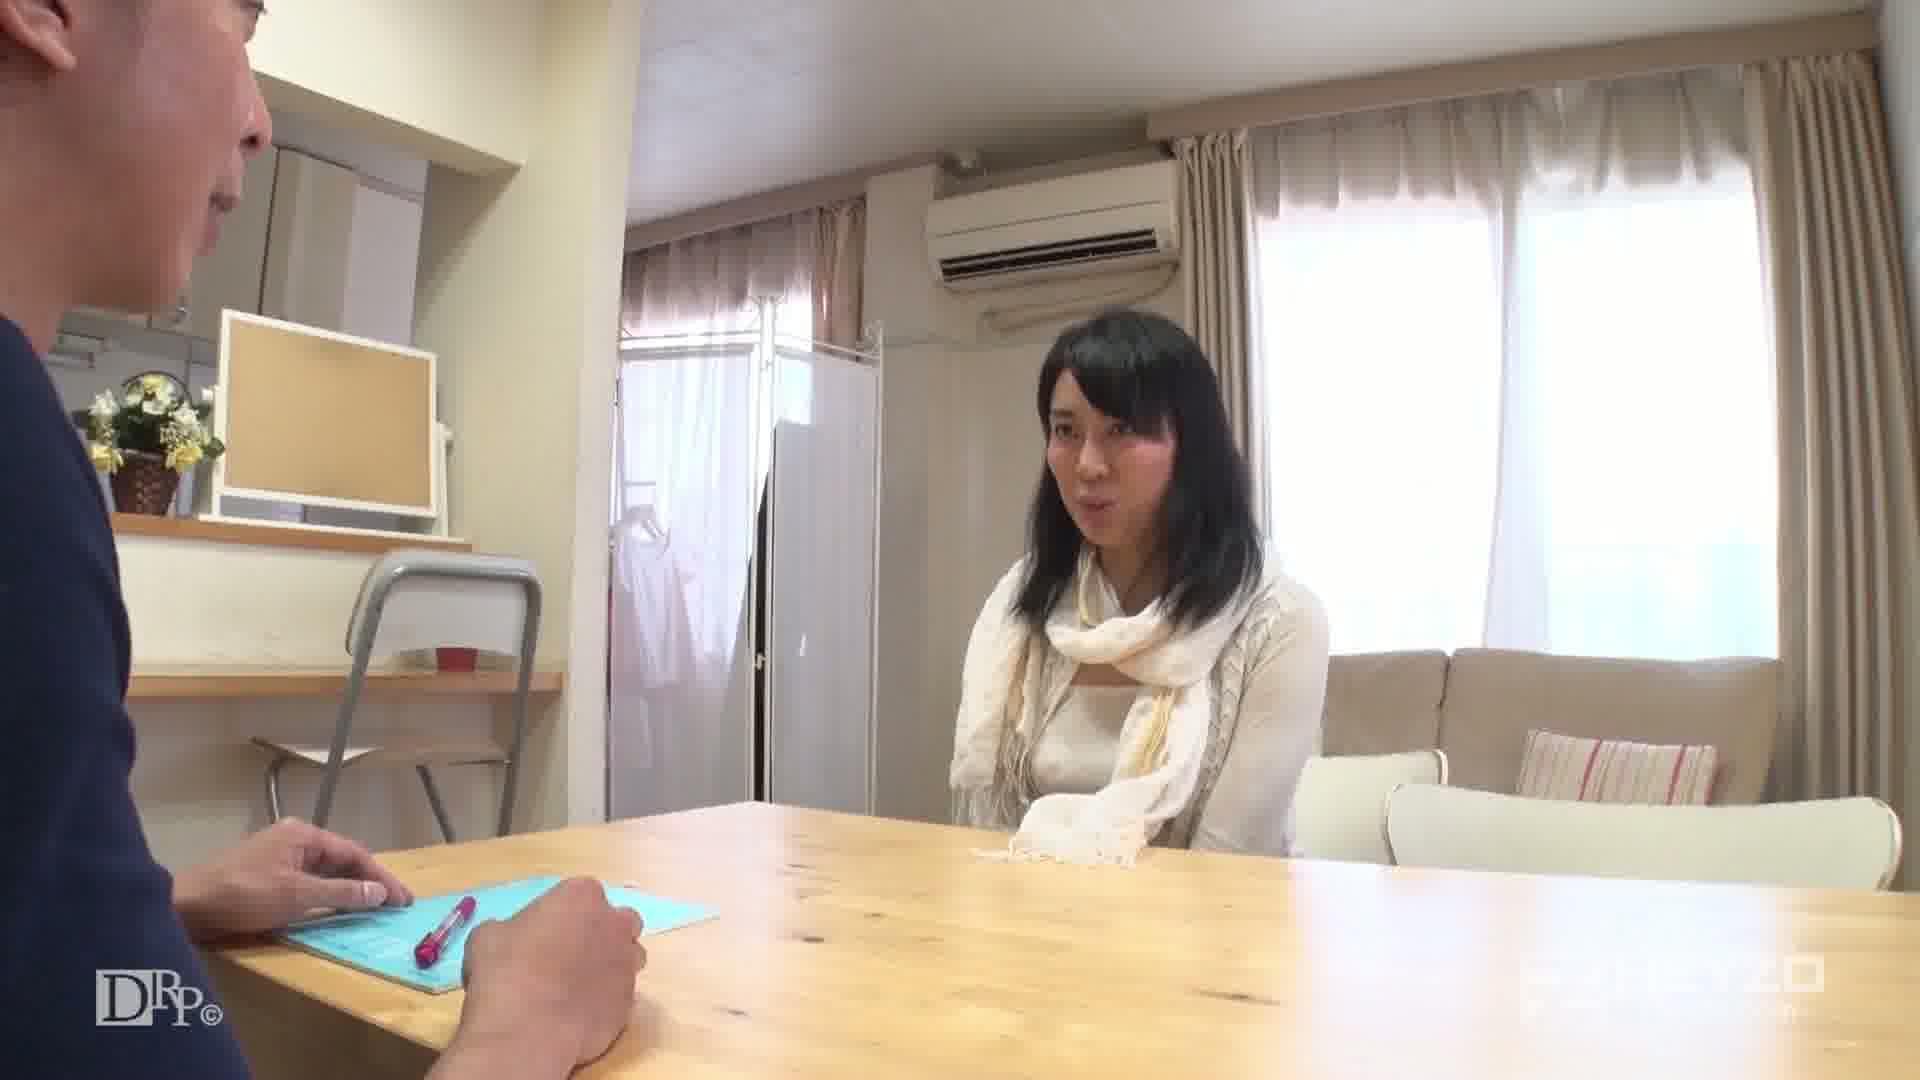 バツイチ独身女がAV出演に応募してきた件 - 高石おりえ【面接】